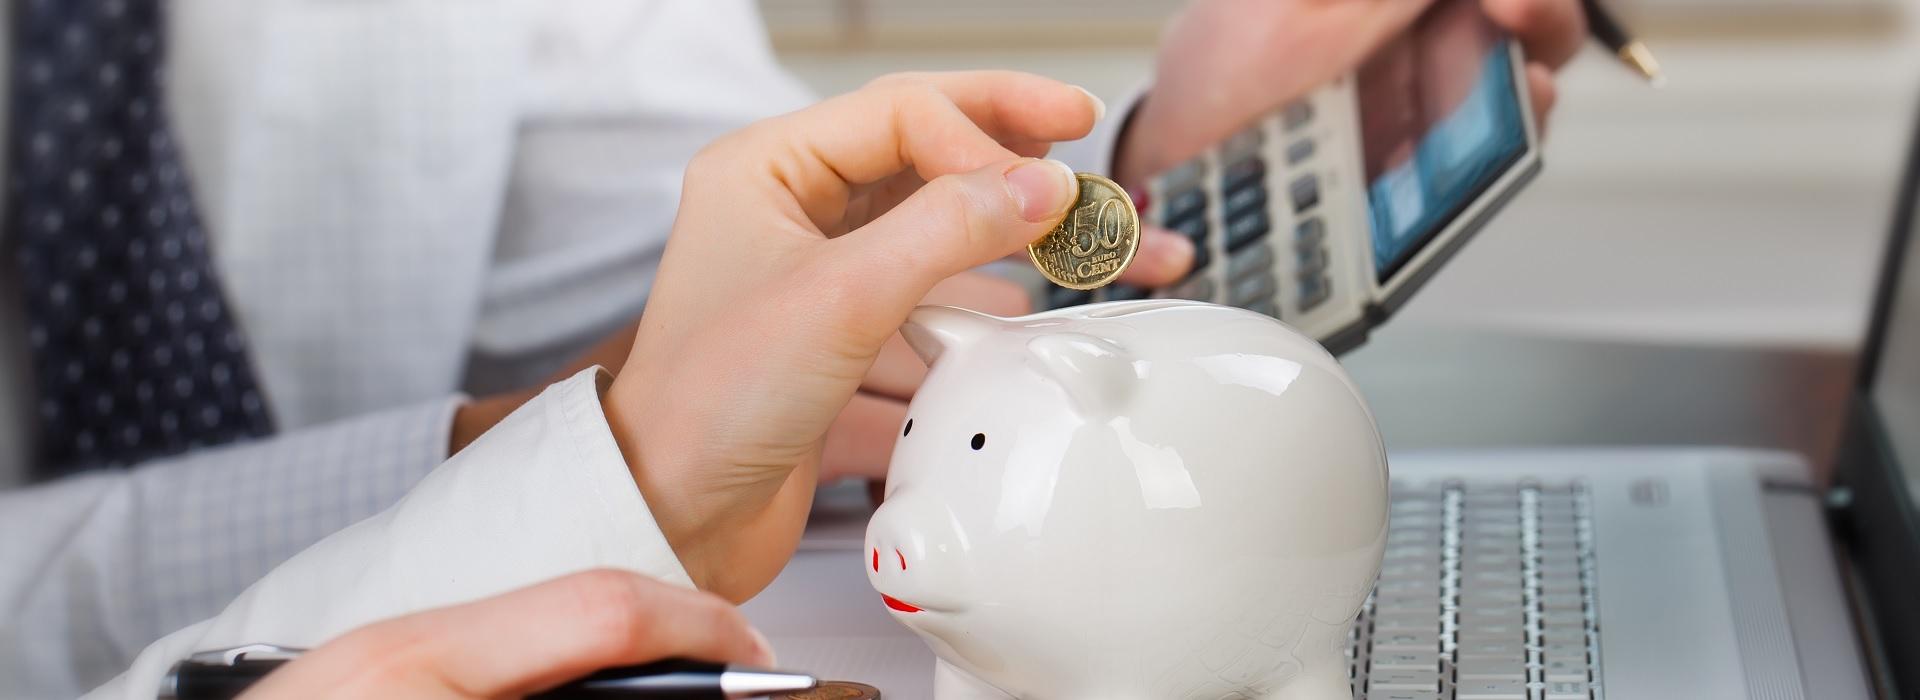 擺脫存不到錢的陰霾!銀行靠這帳戶 讓年輕人存款快速賺錢